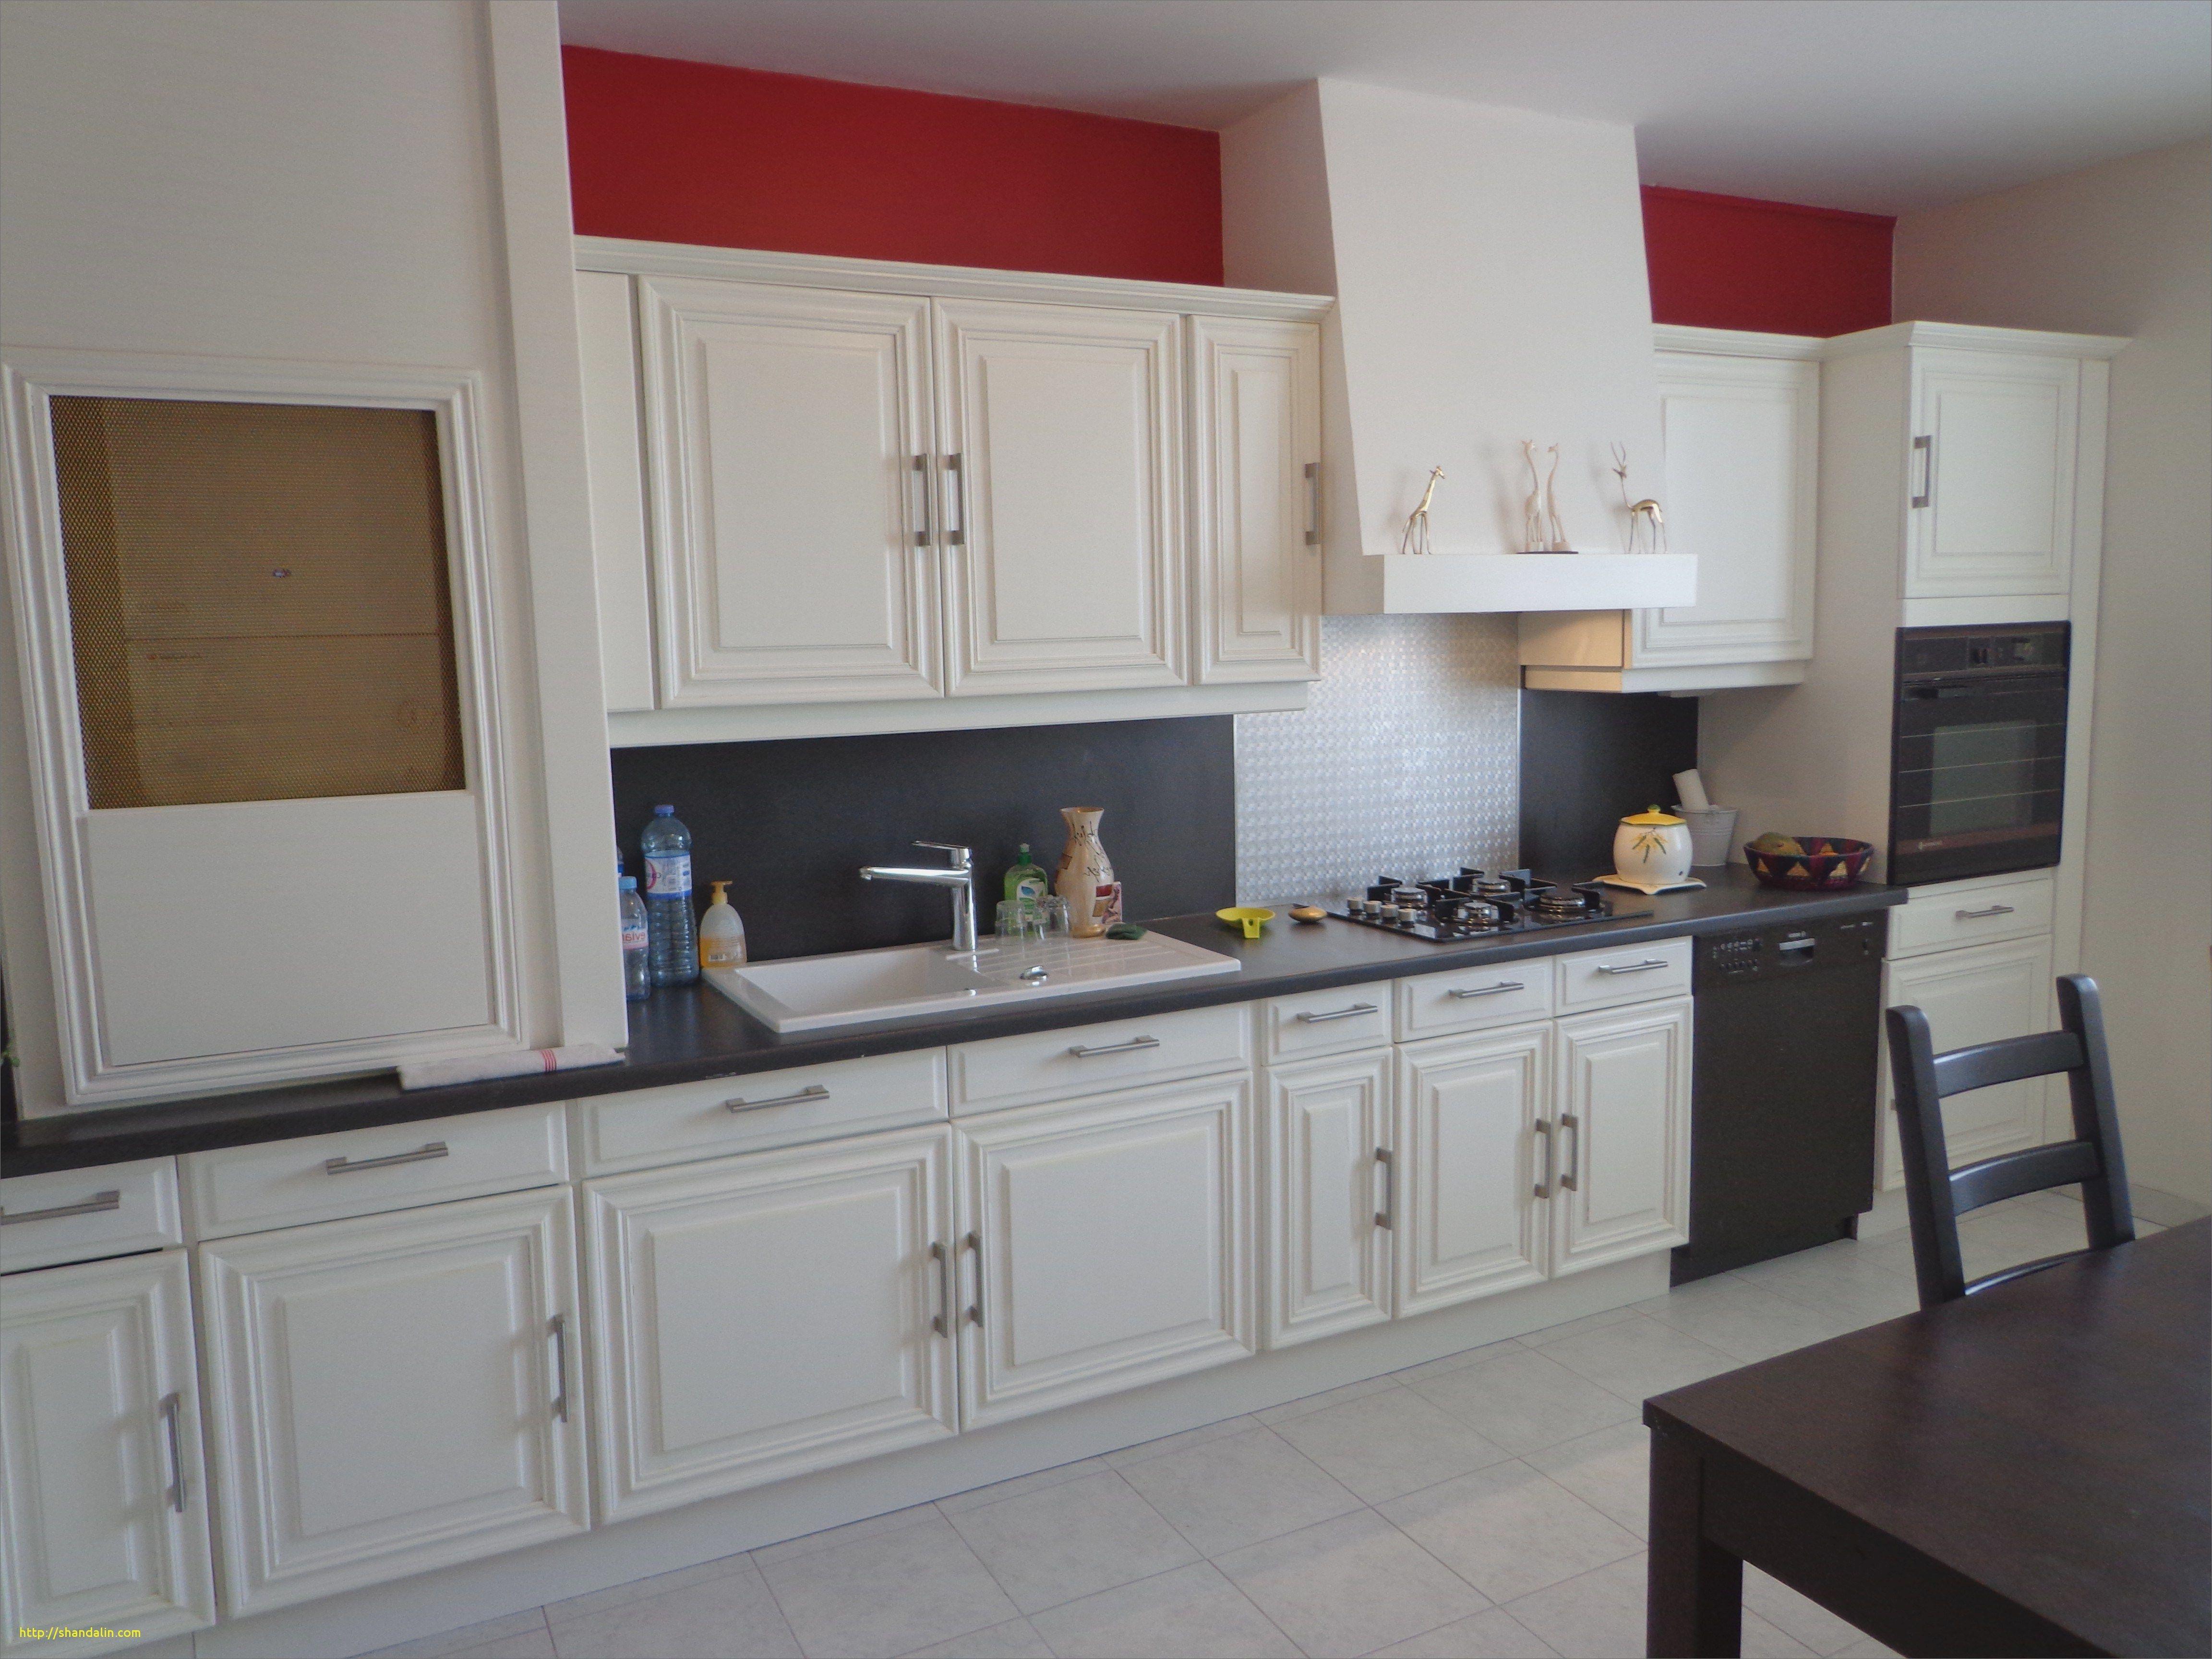 Lovely Peinture Renovation Faience V33 Avis Kitchen Home Home Decor